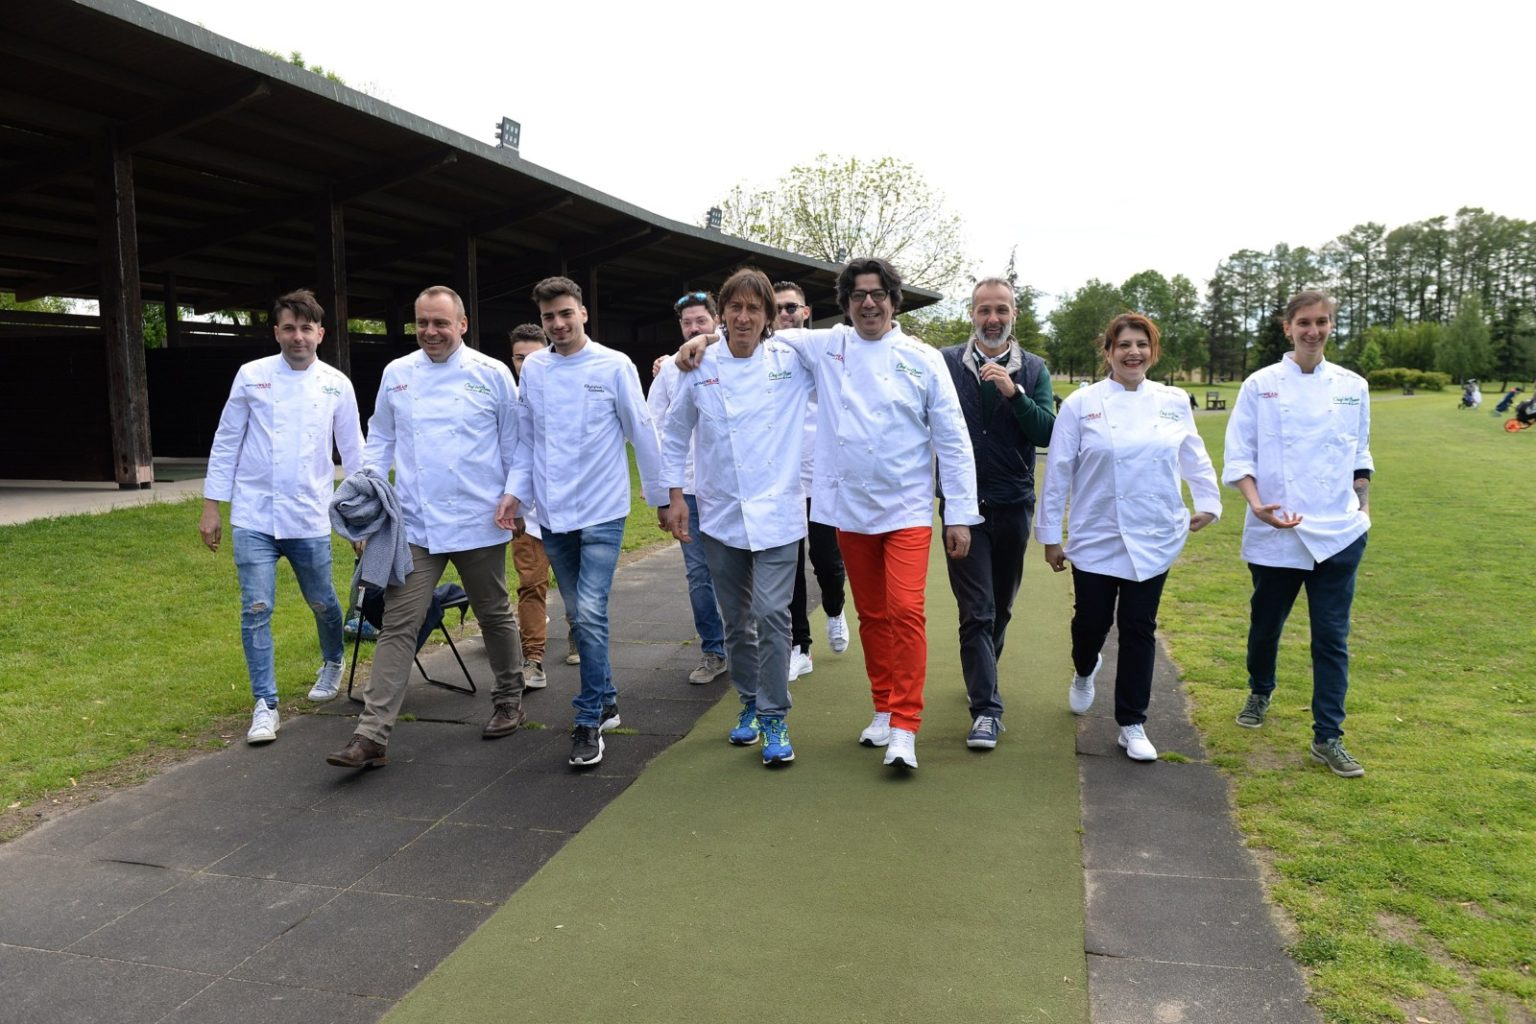 Chef in green - Tolcinasco - 29 4 19 (5)